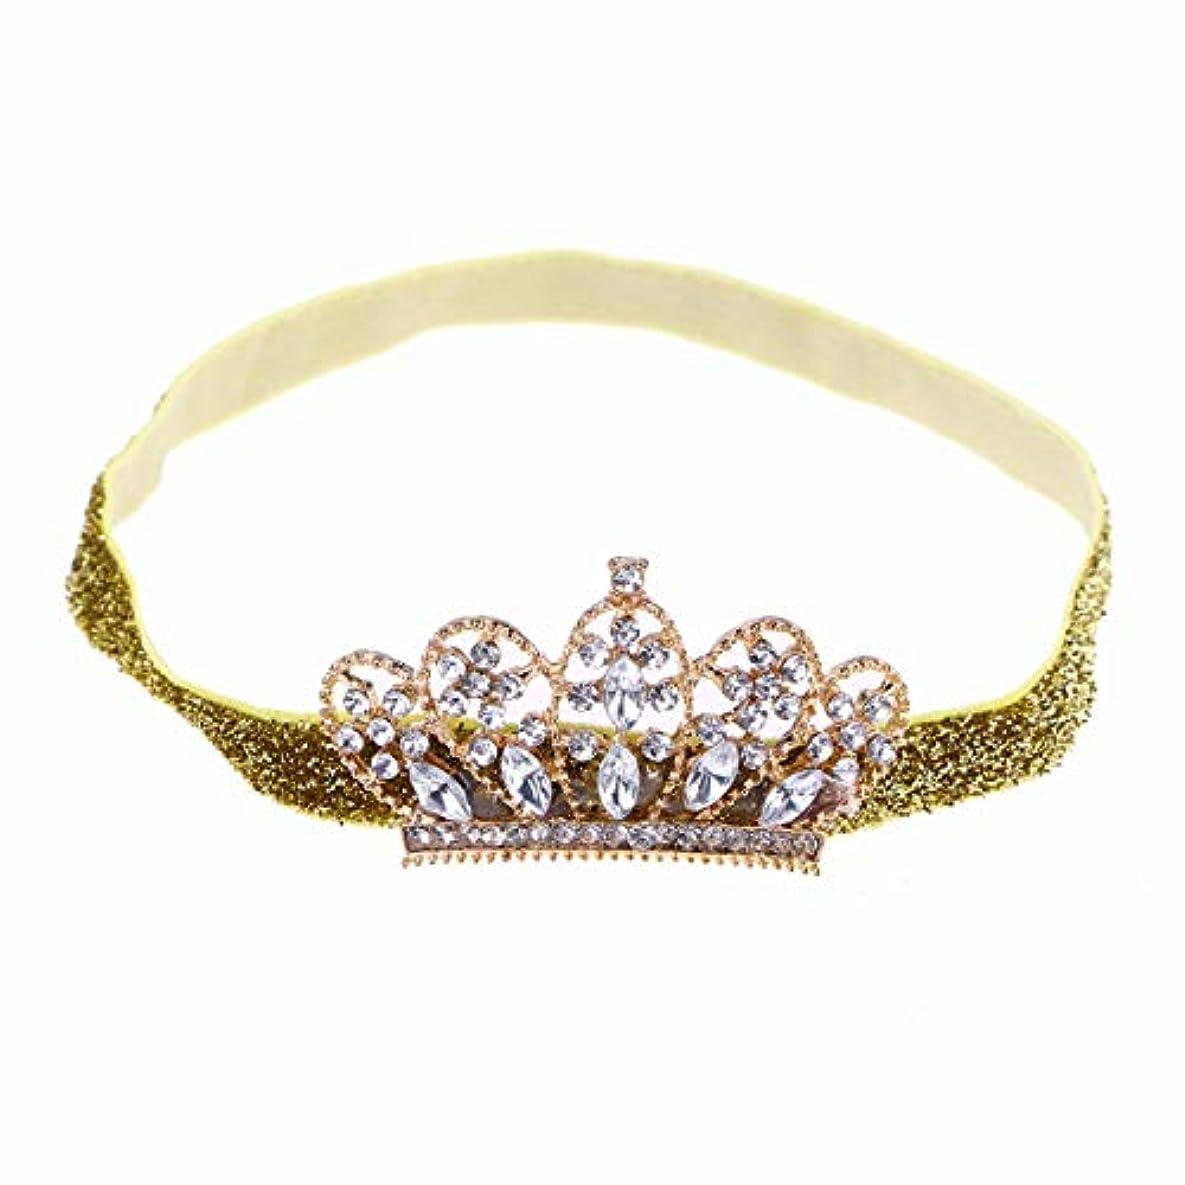 関与する応答暖かくBeaupretty Baby Girls Rhinestone Crown Headband Elastic Tiara Hairband Headdress